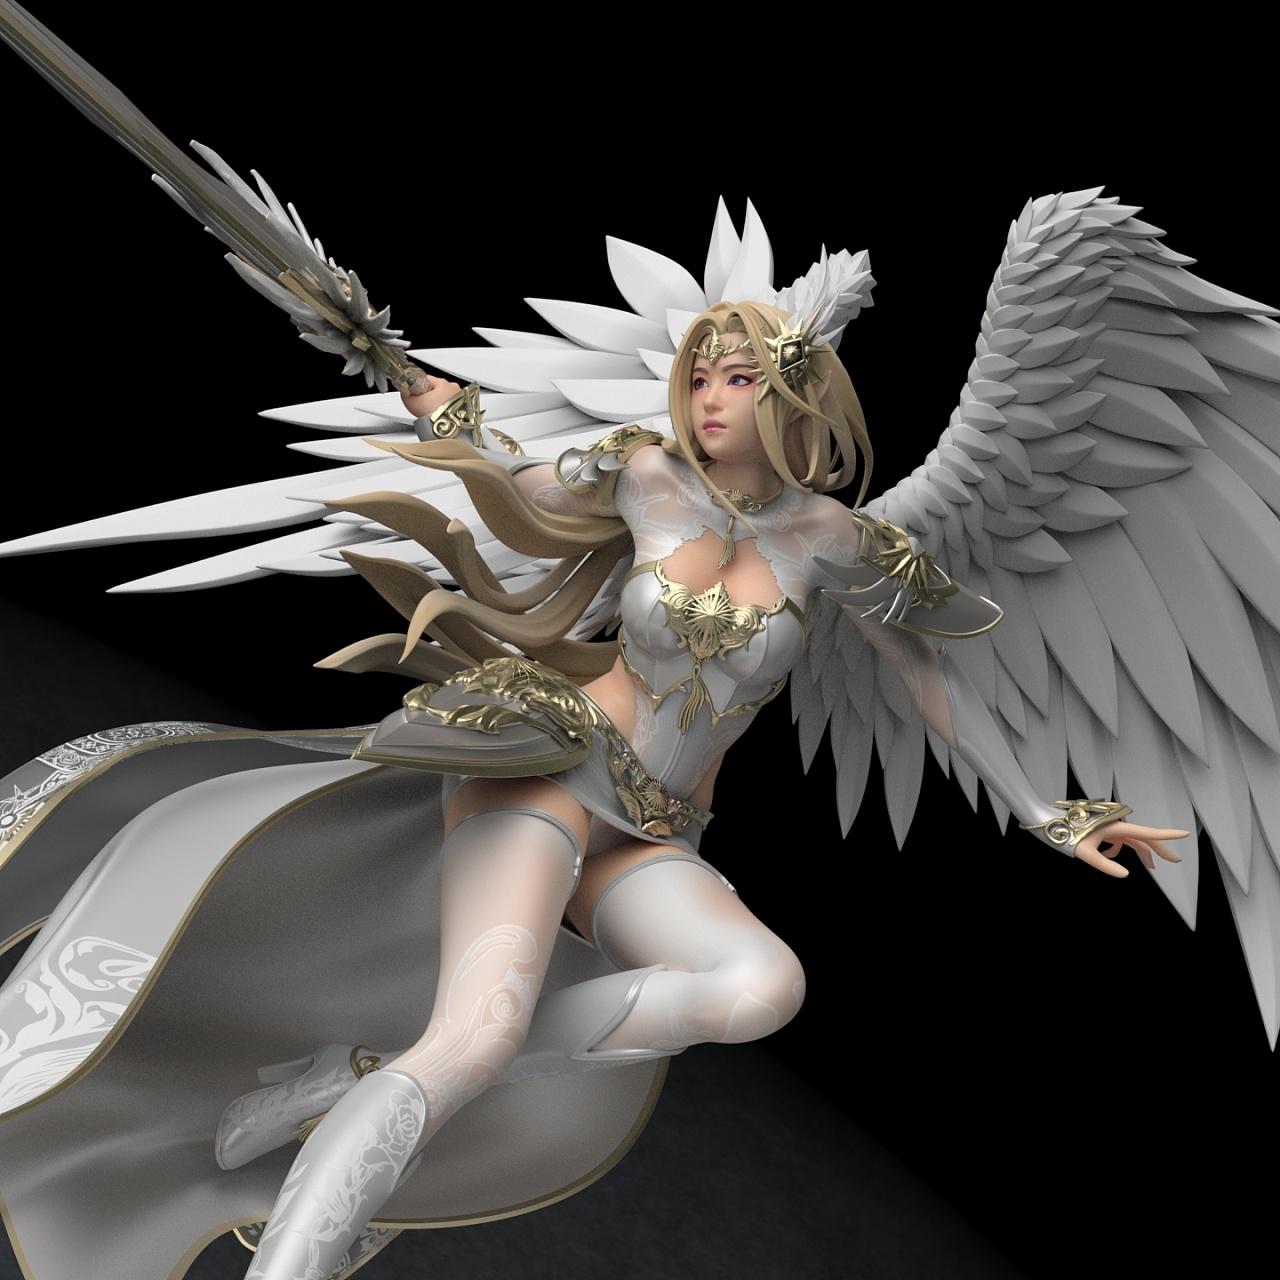 【壁纸】超美3d天使人物合集精美图片 338p 342m百度云下载